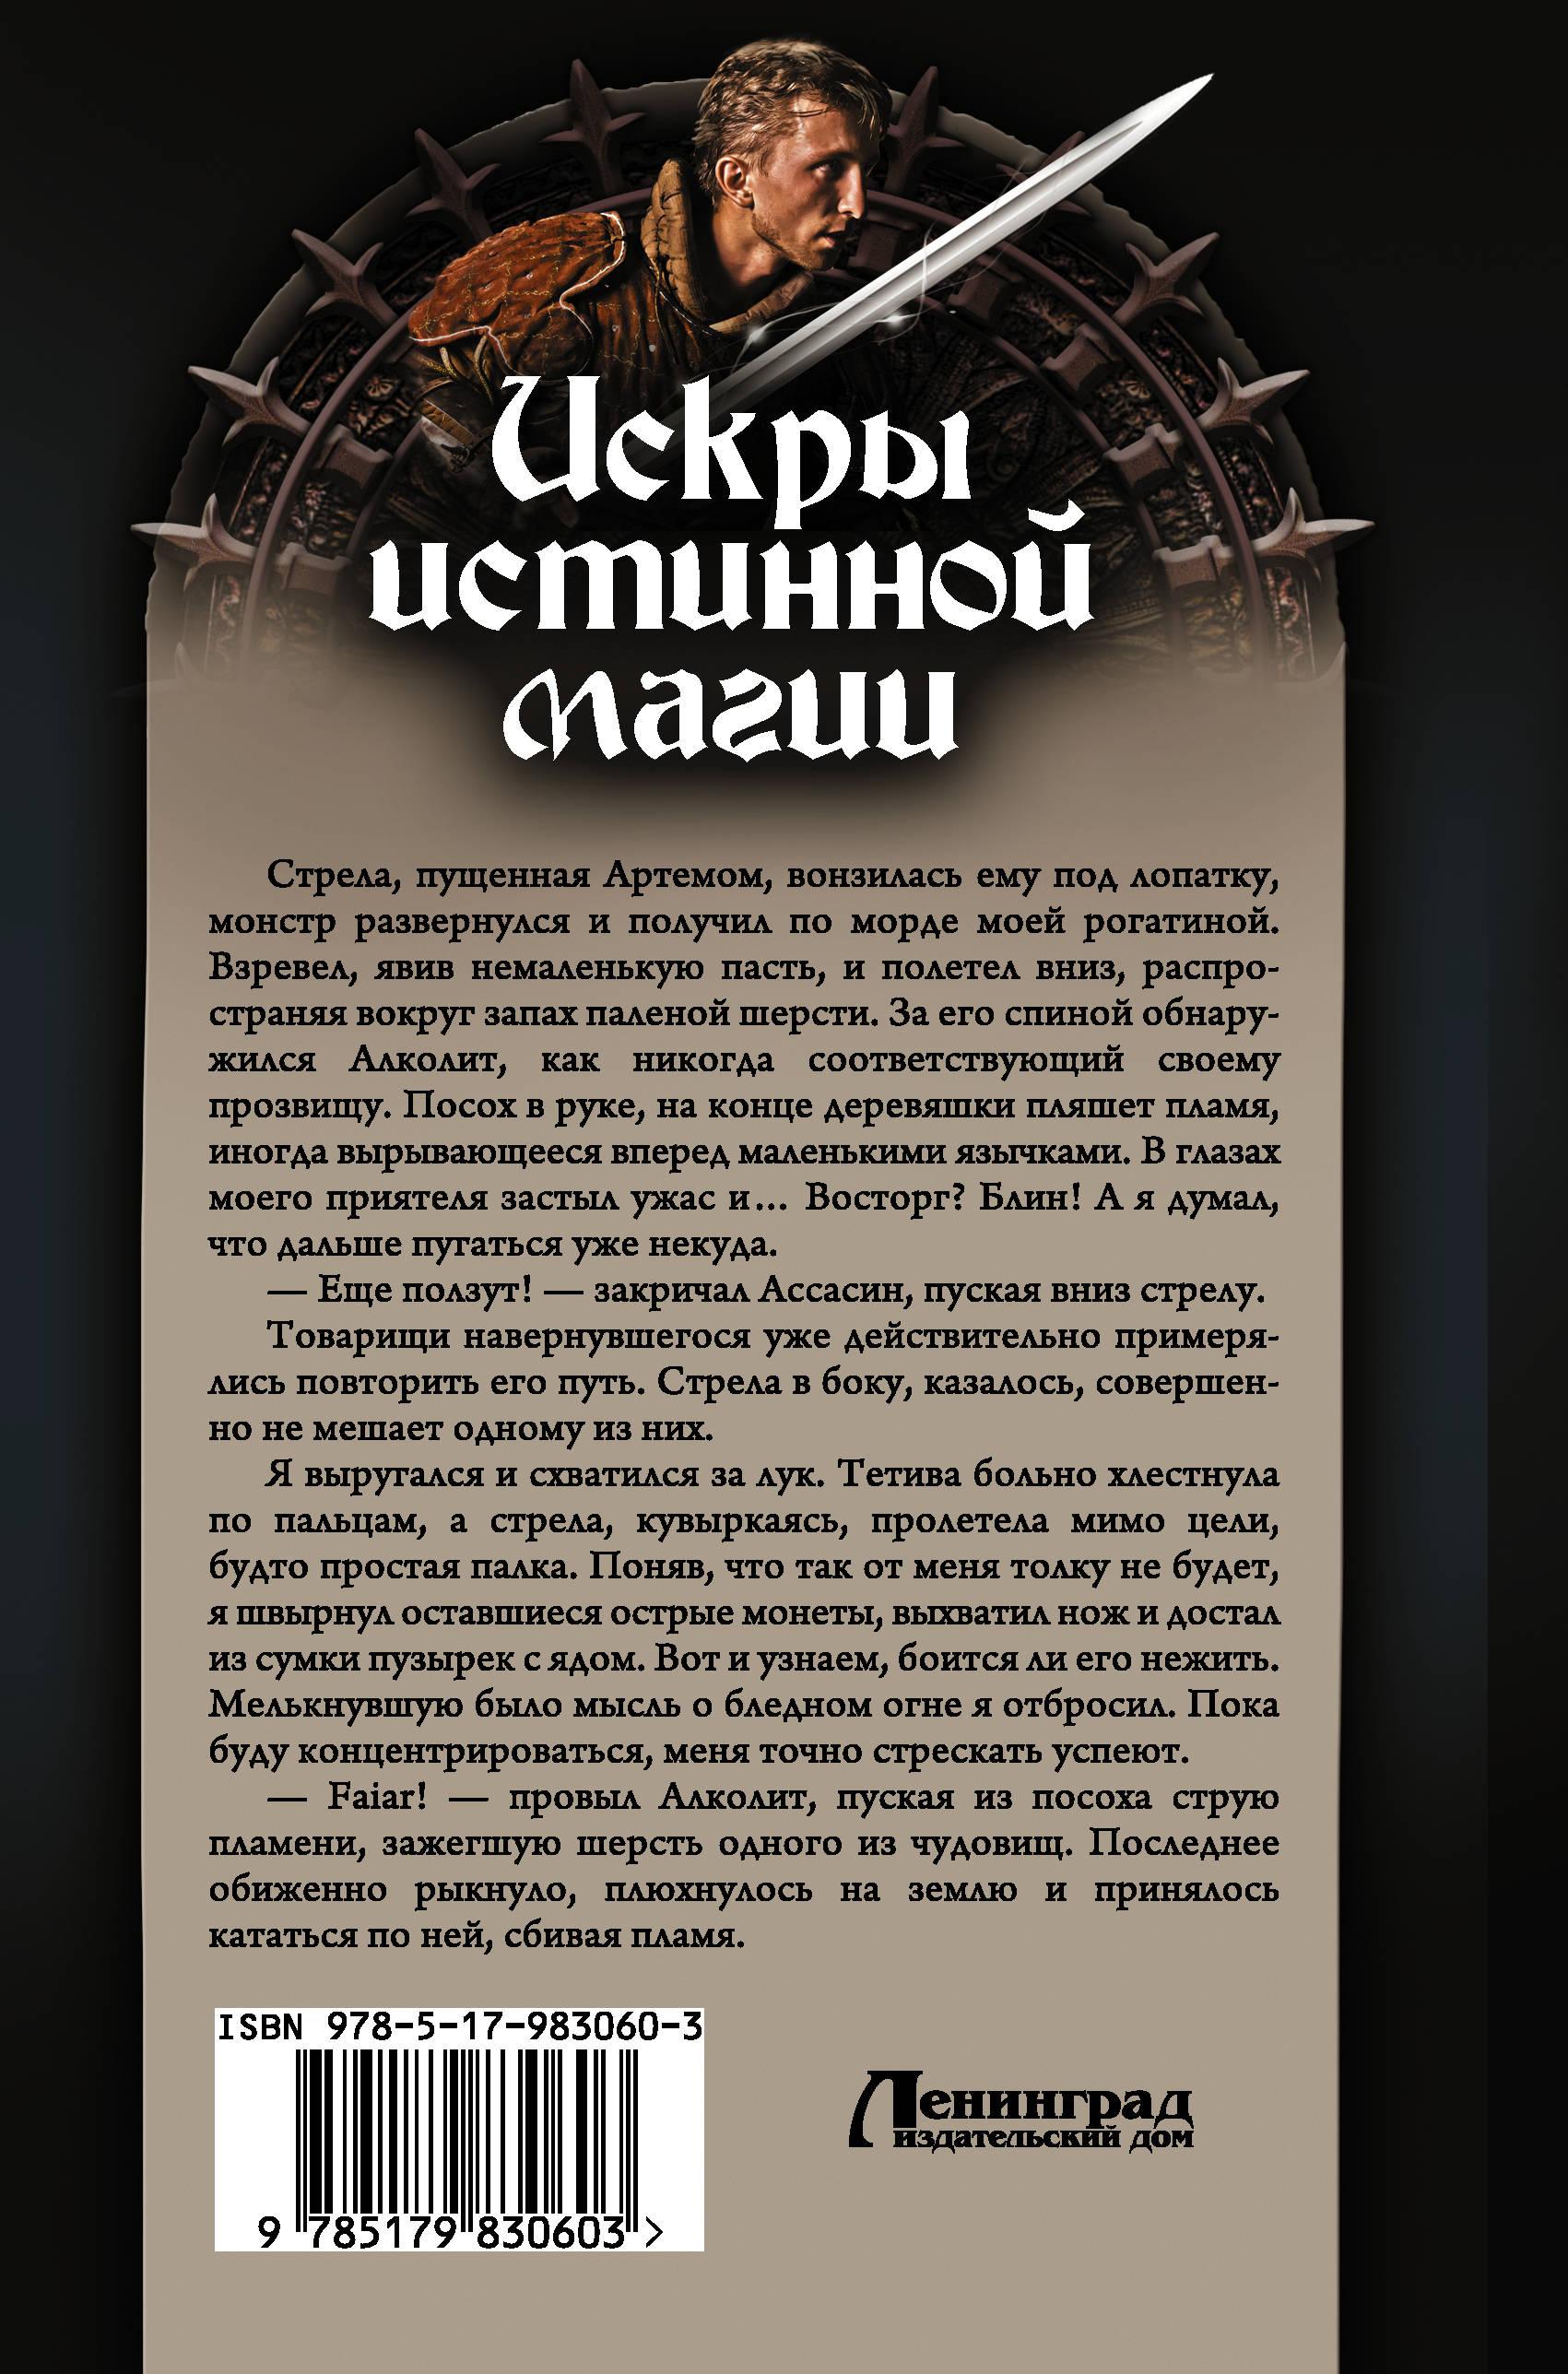 Искры истинной магии. Владимир Мясоедов